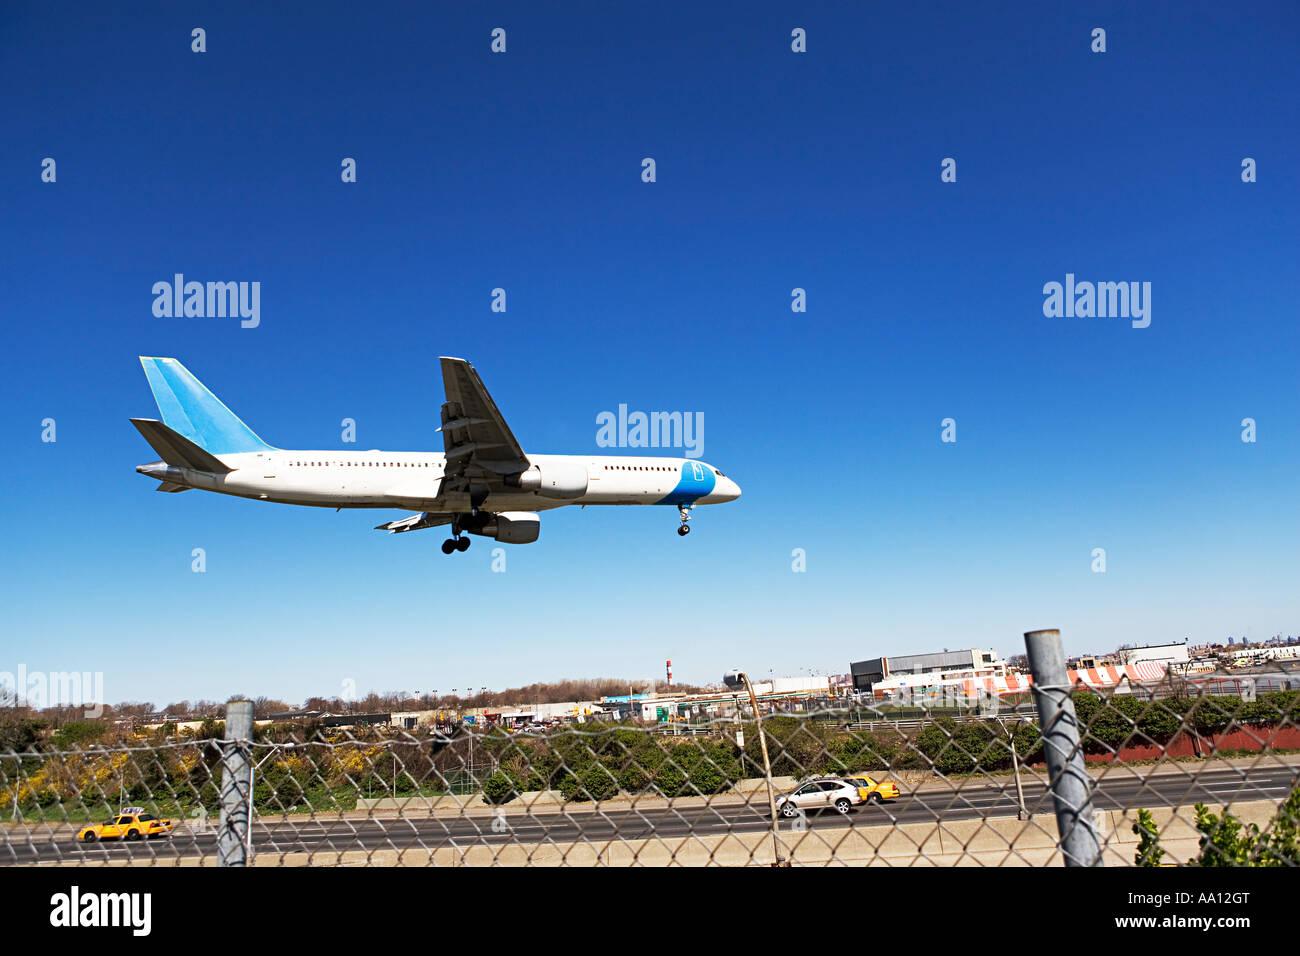 Flugzeug Landung Stockbild